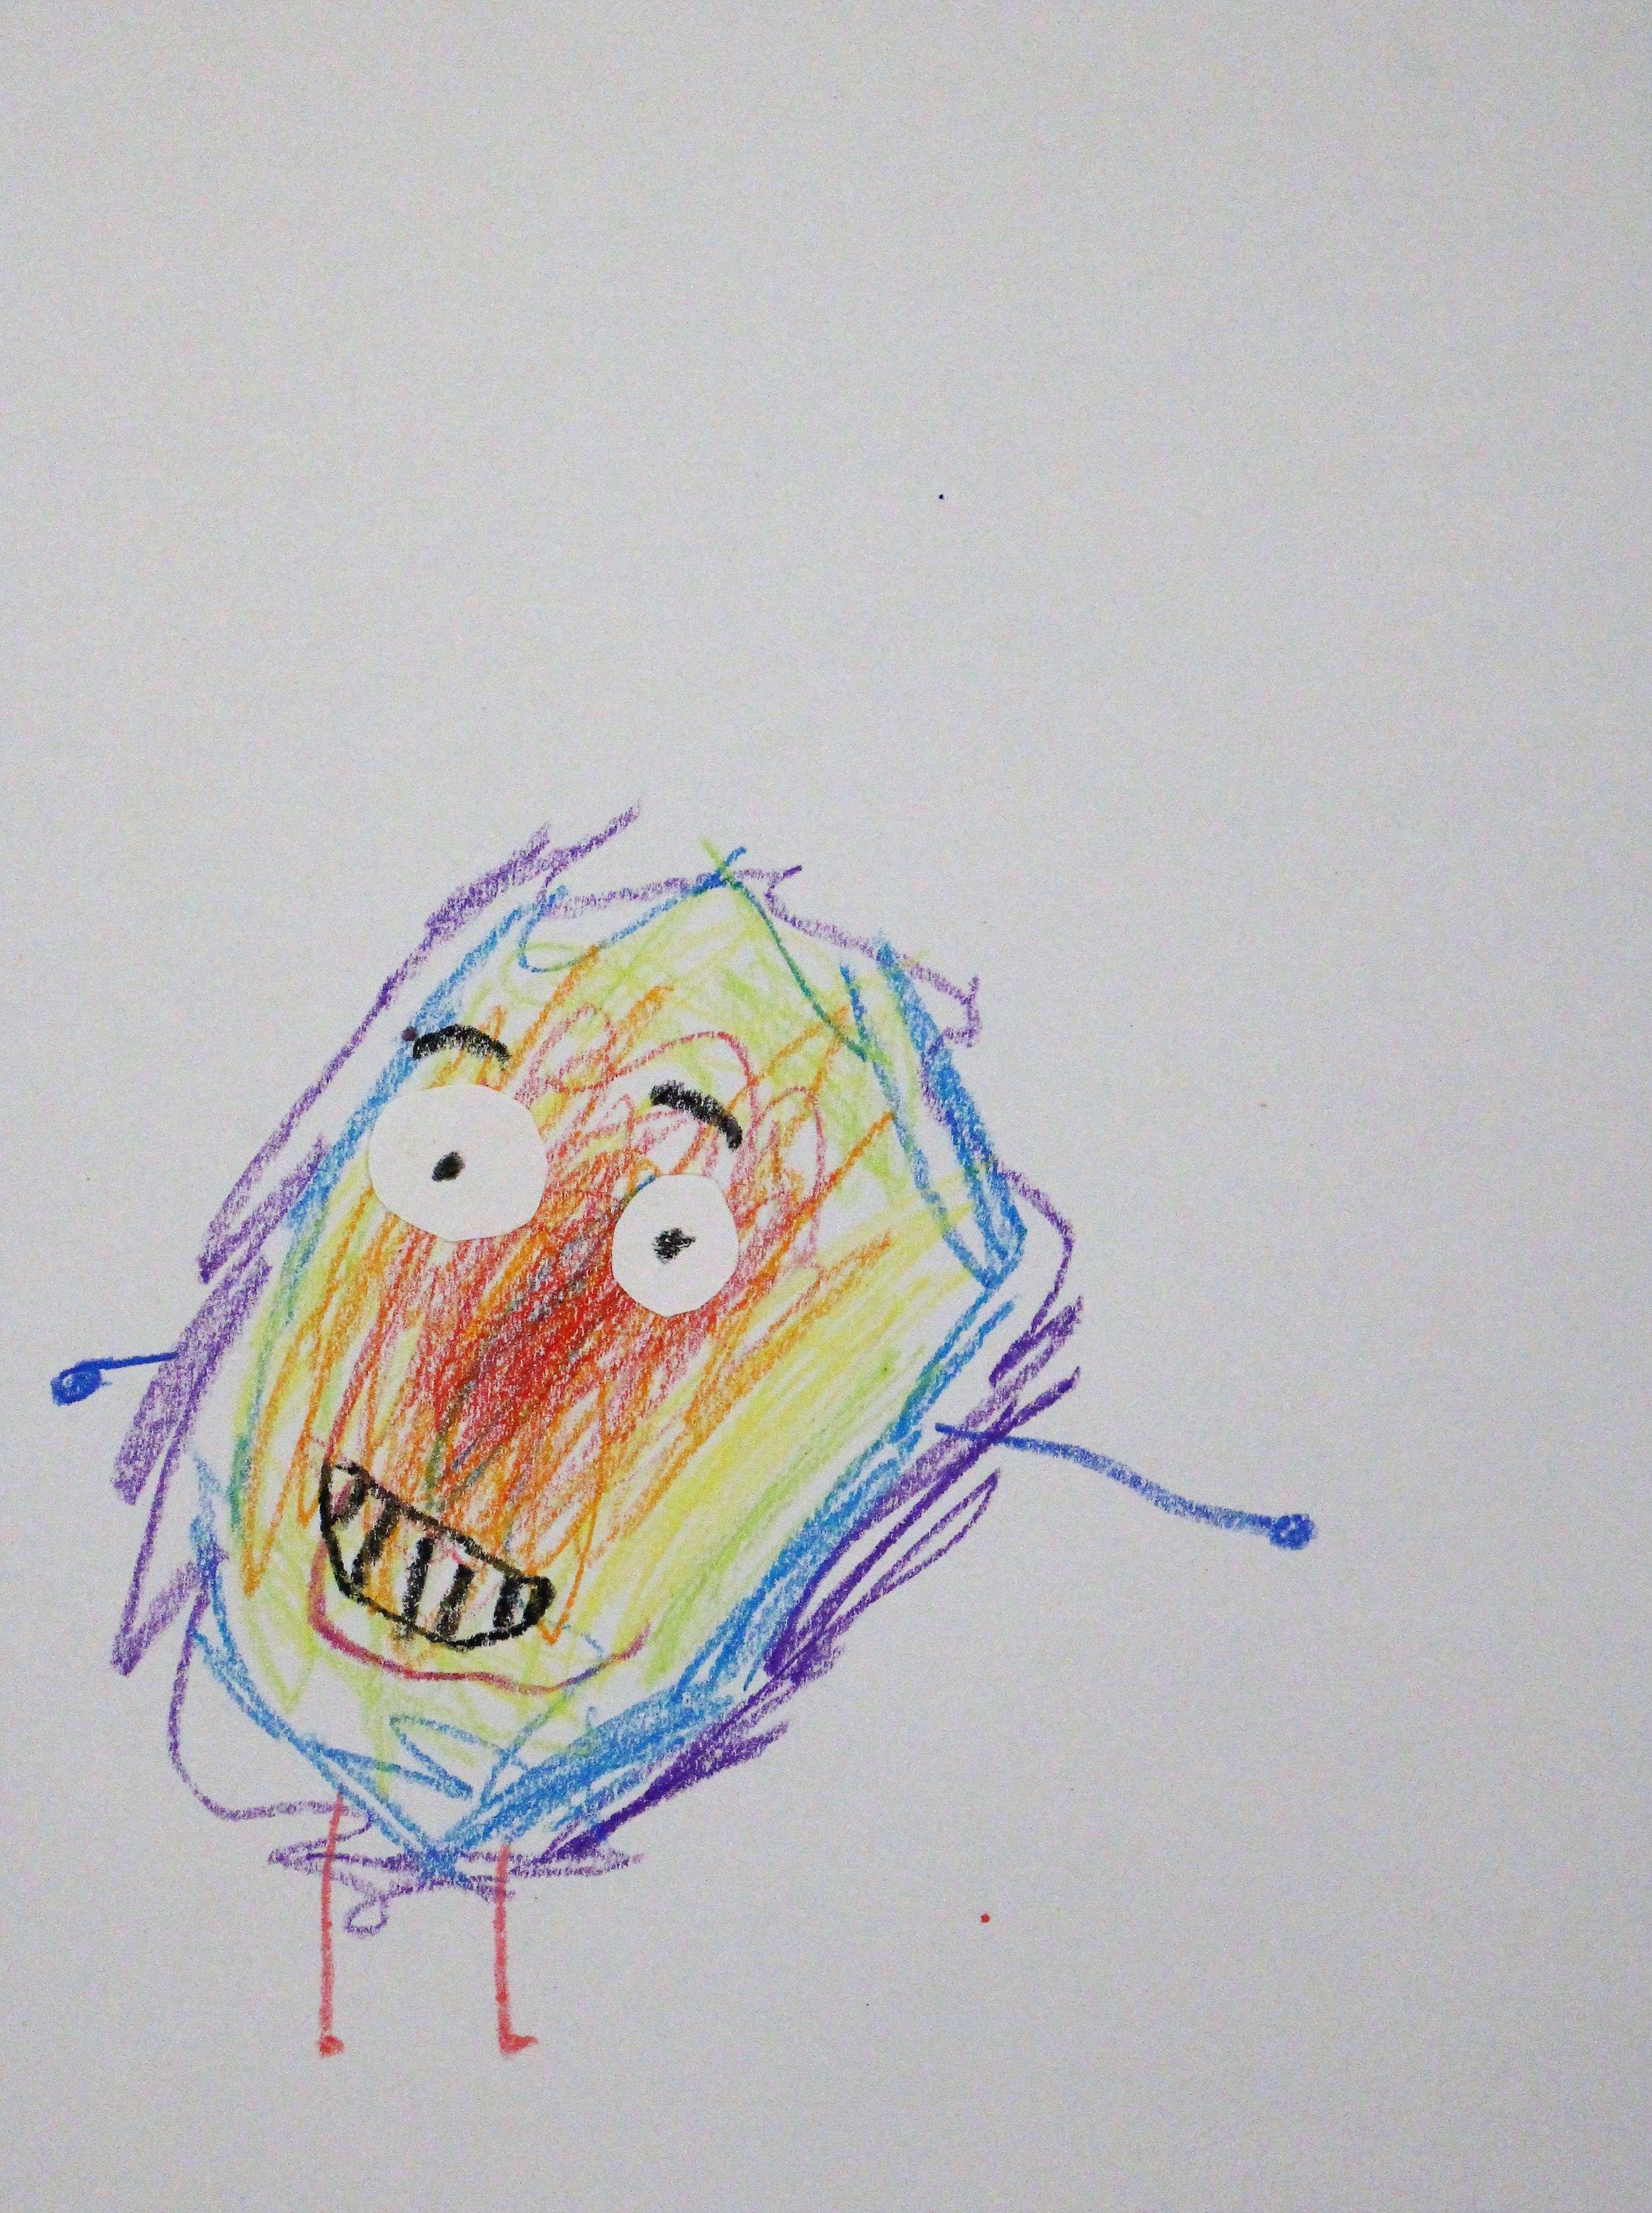 Kindergarten: Alex F. - Artwork: Inspired by the book